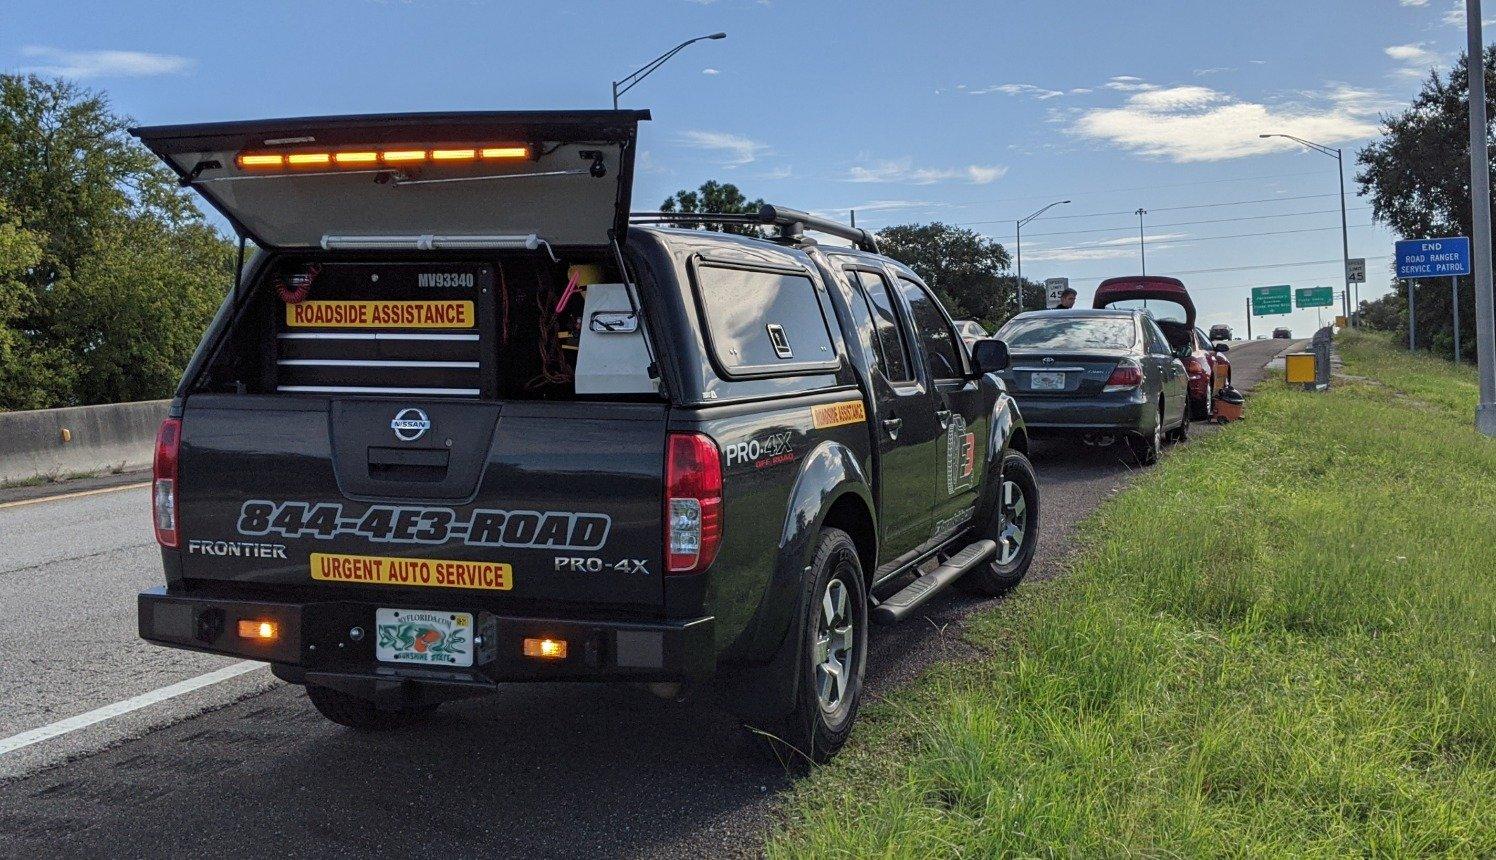 E3 Roadside Urgent Auto Service